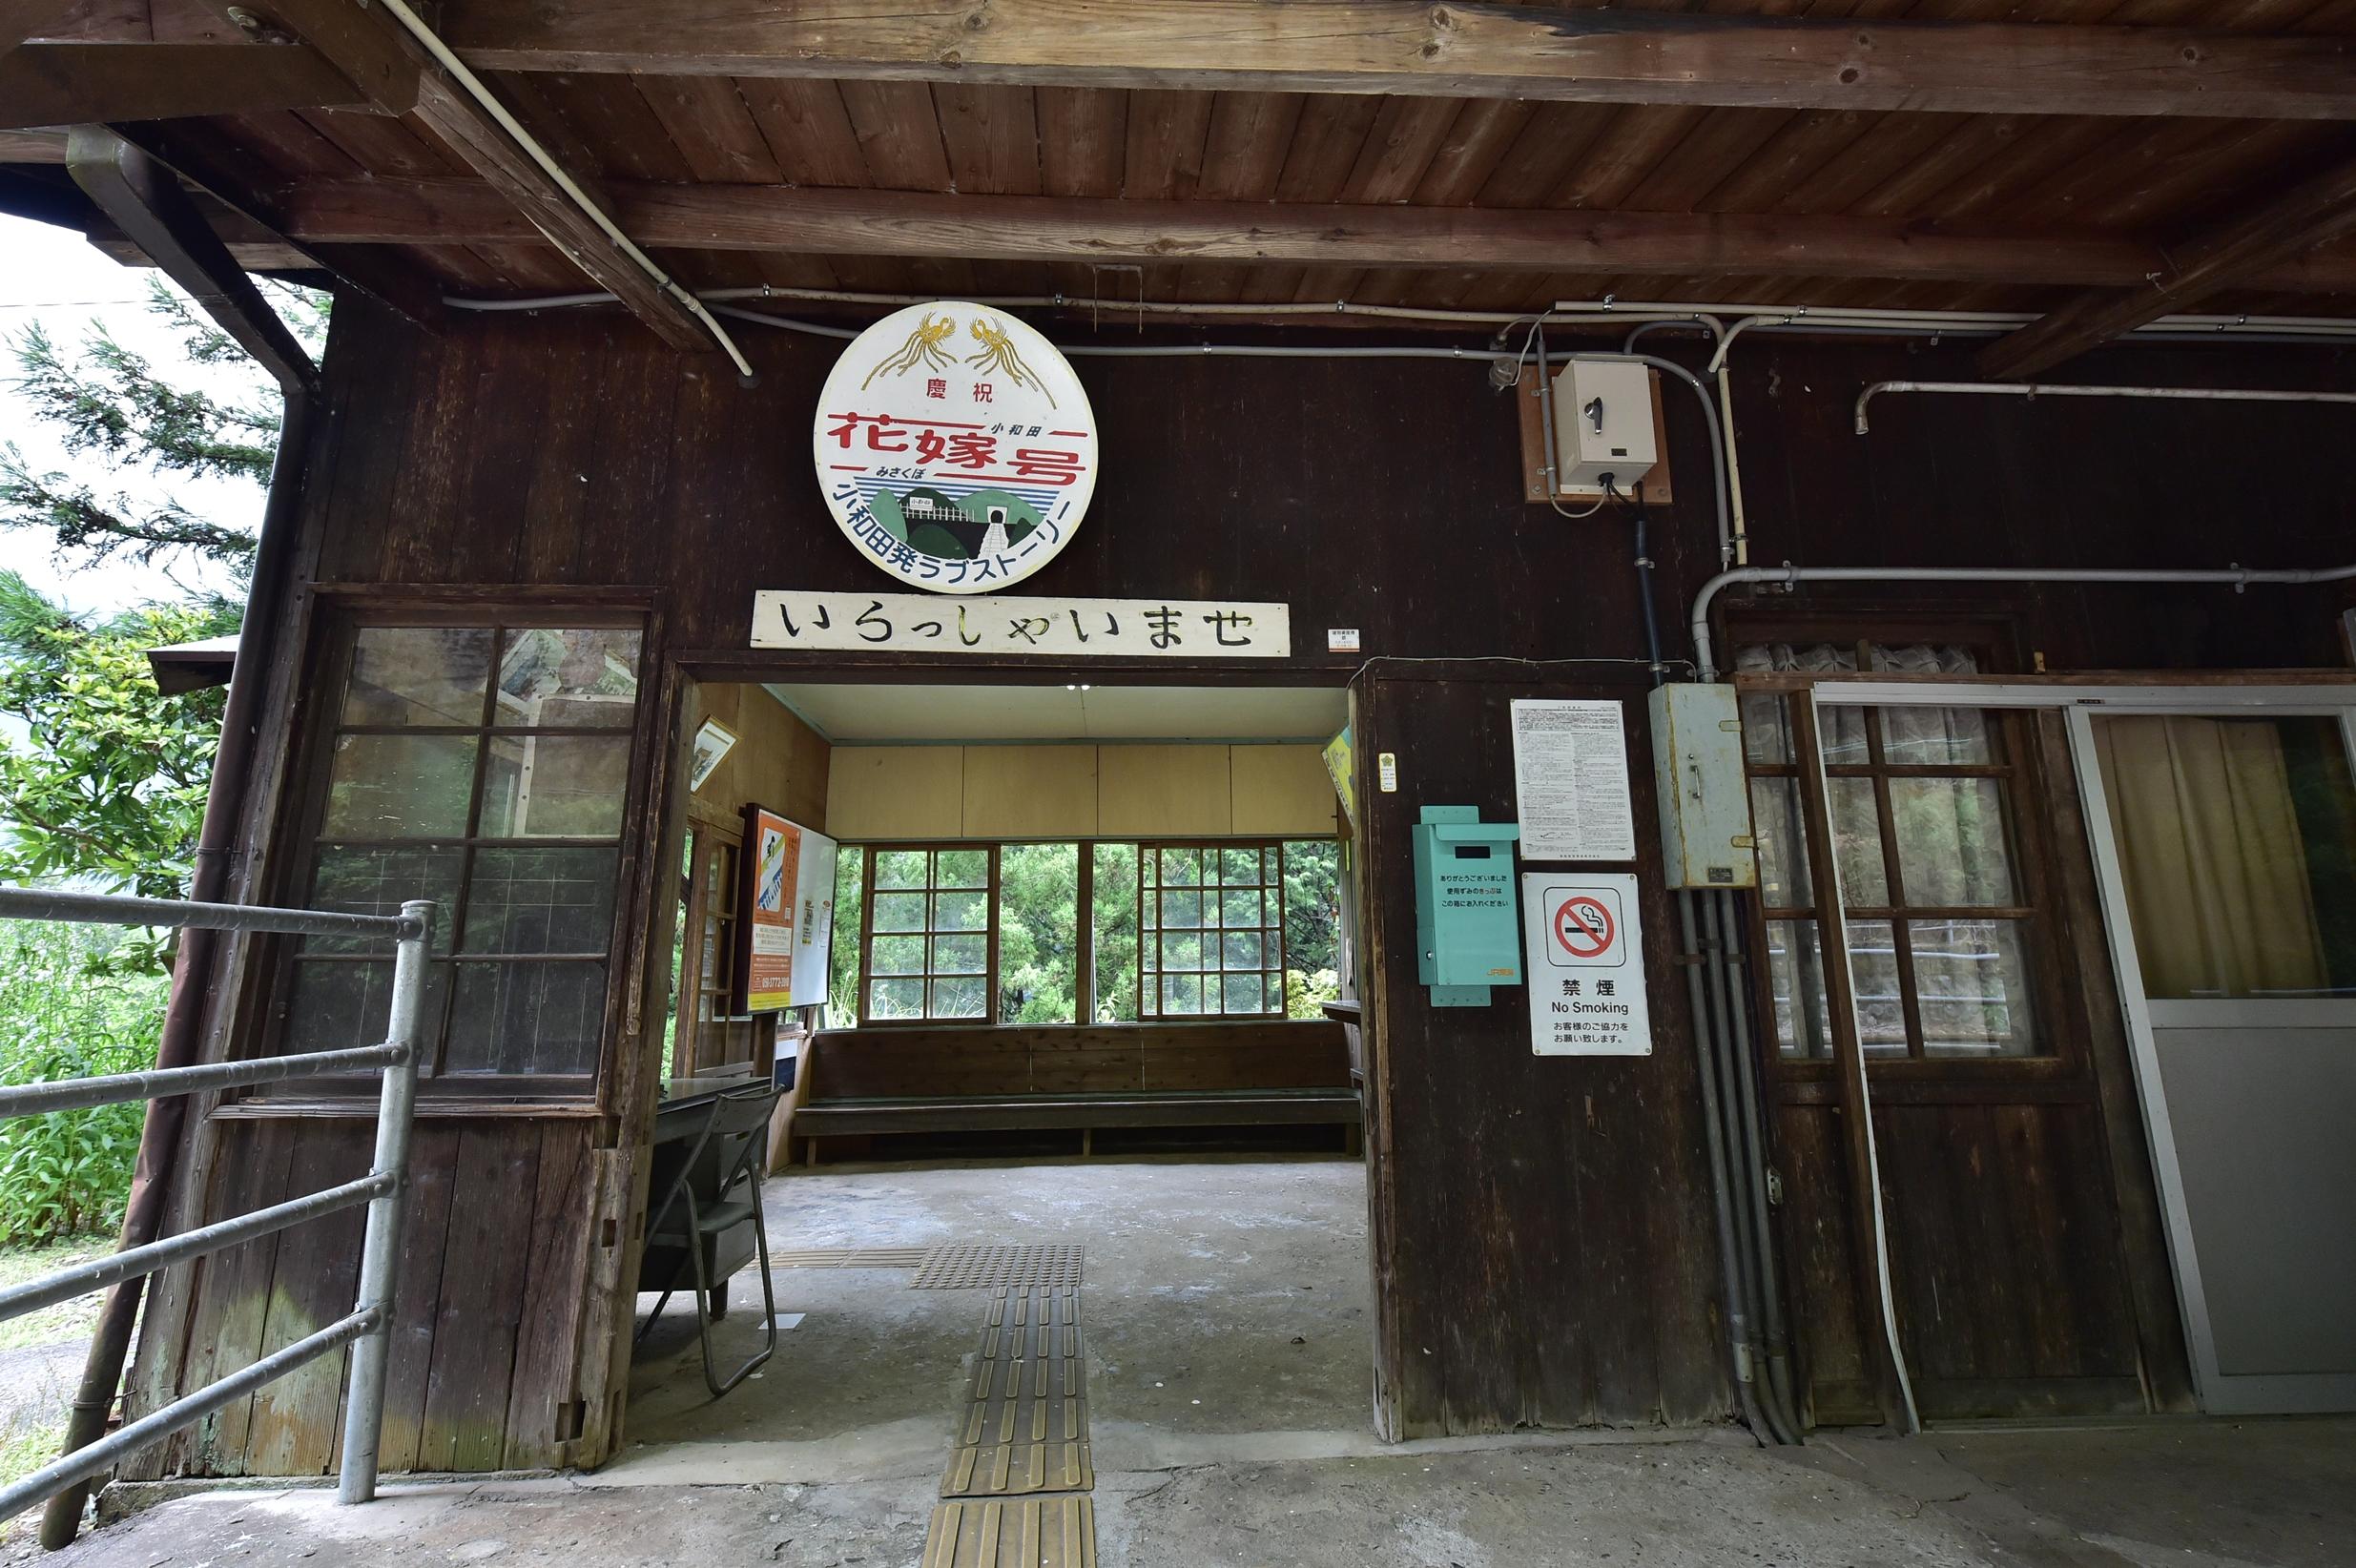 6飯田線 小和田駅